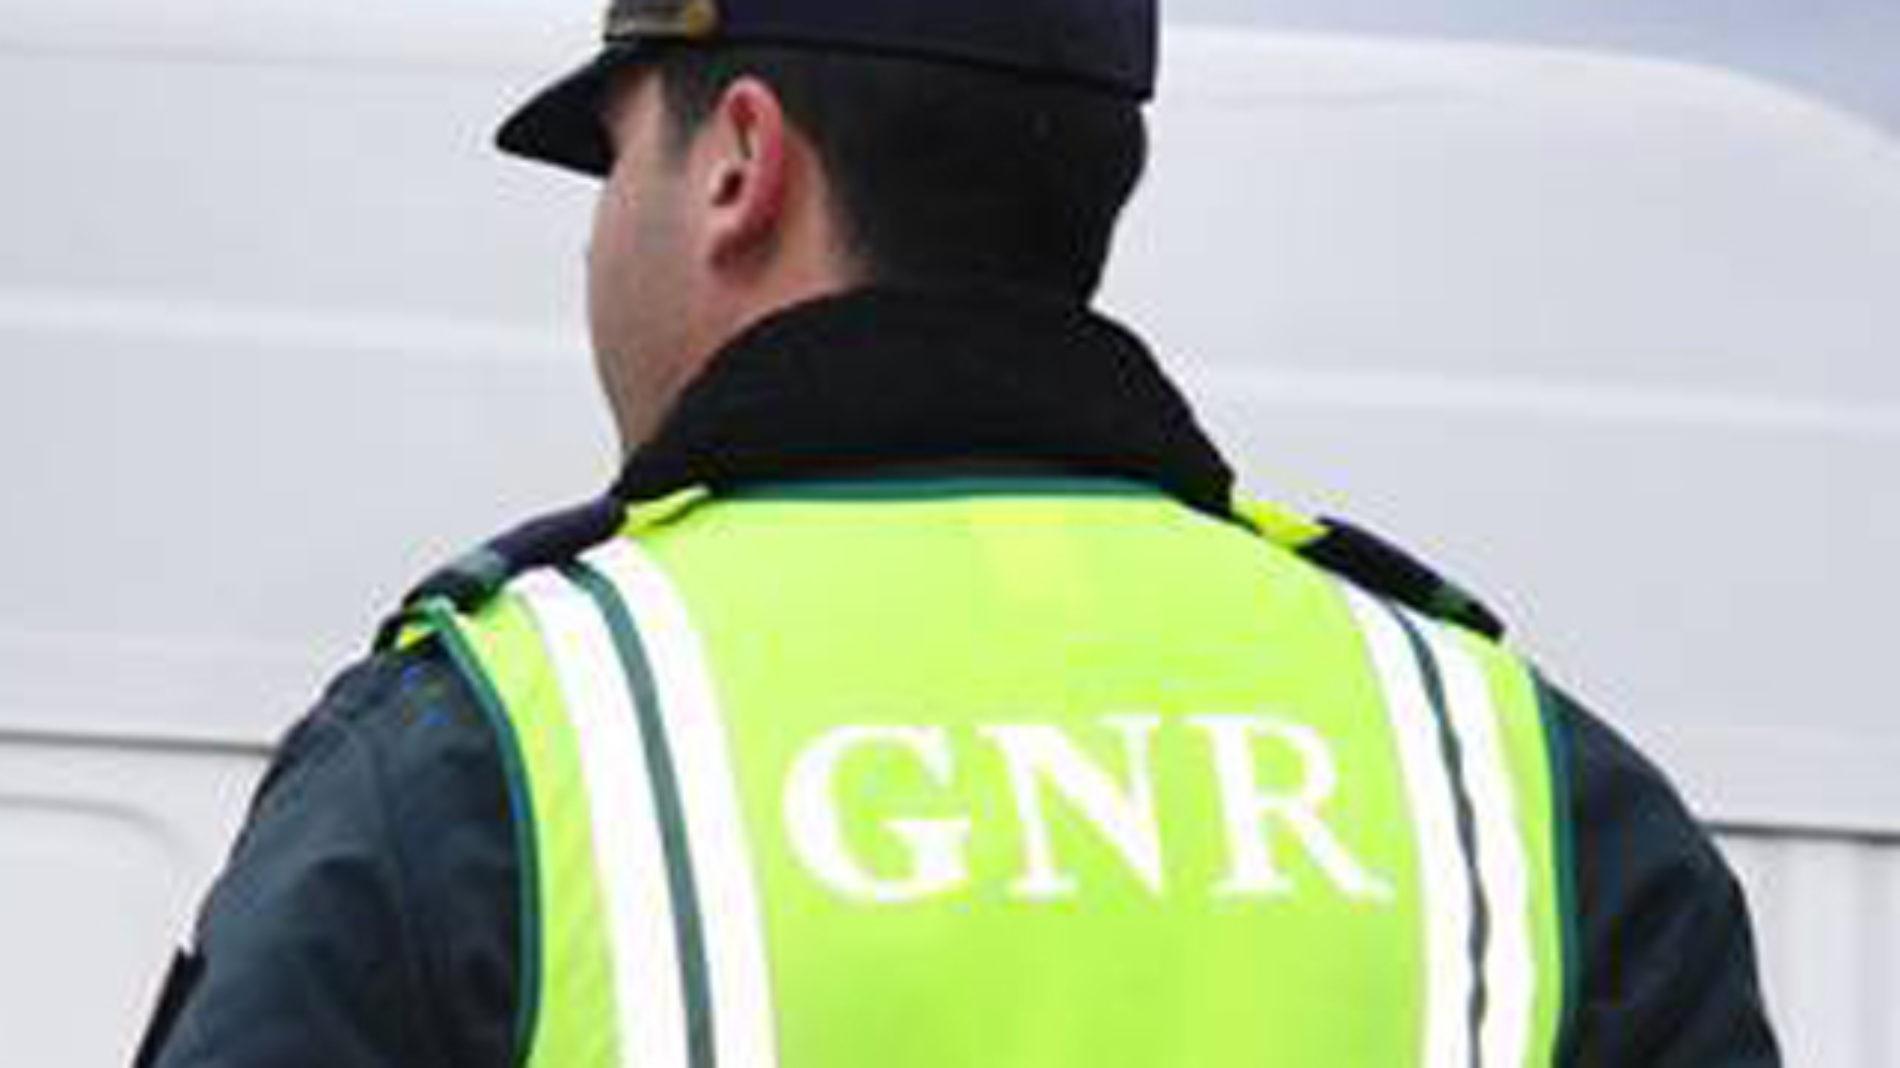 Autoridades procuram homem desaparecido no concelho do Fundão